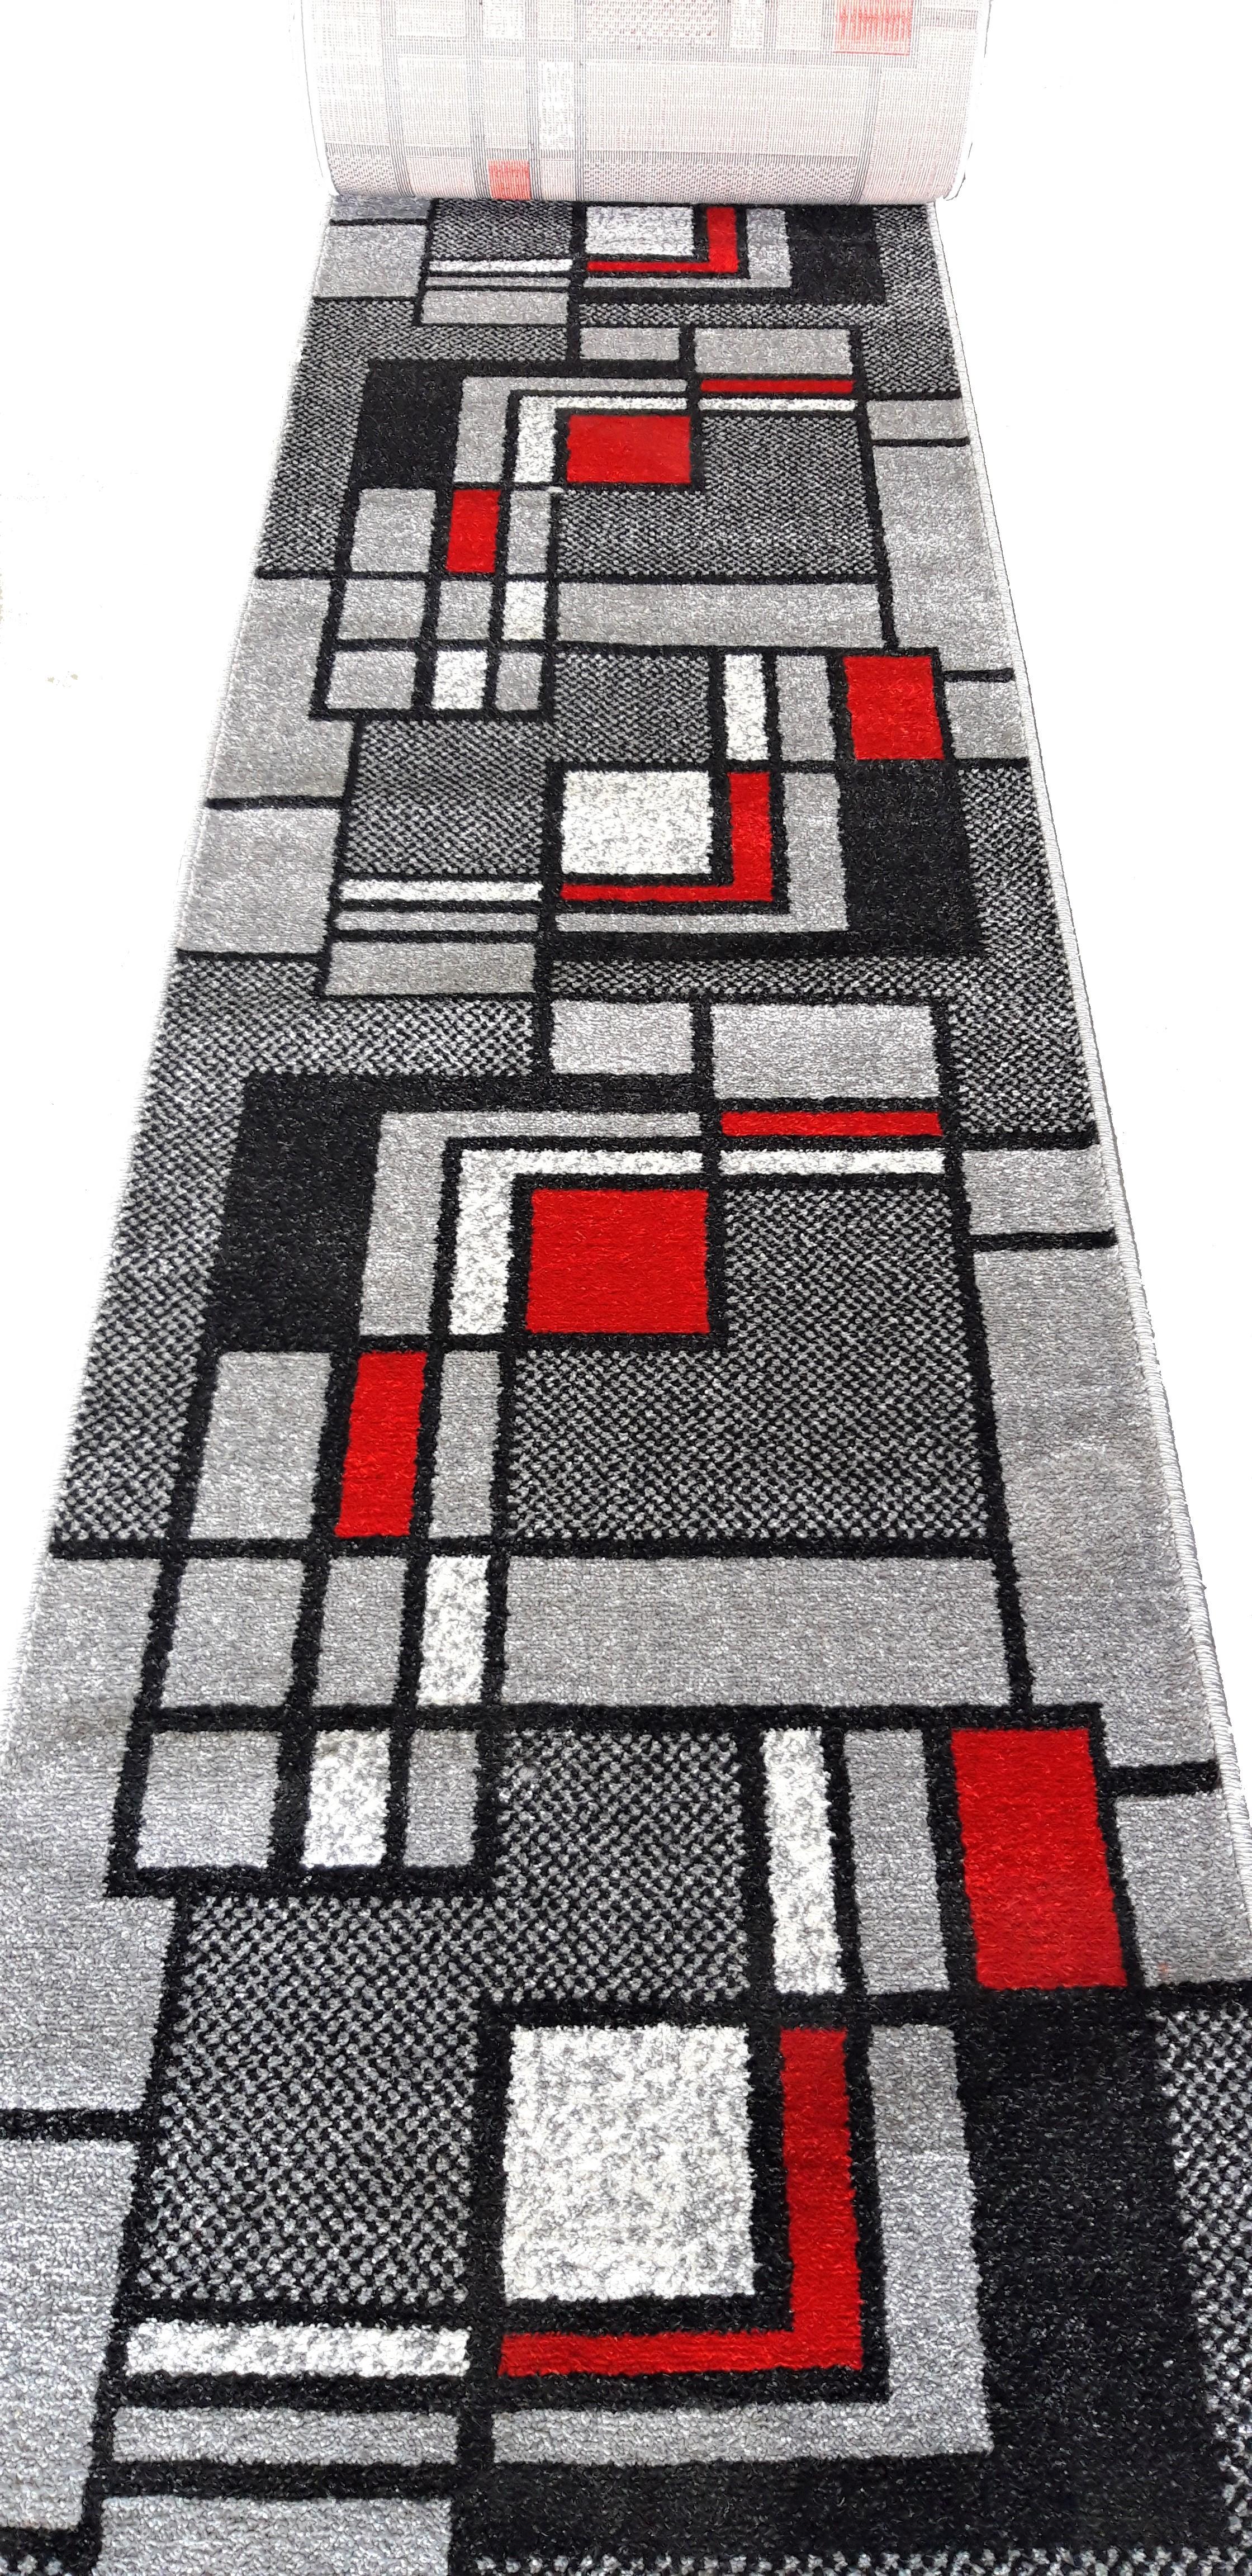 Traversa Covor, Cappuccino 16406, Multicolor, 80x800 cm, 1700 gr/mp 0